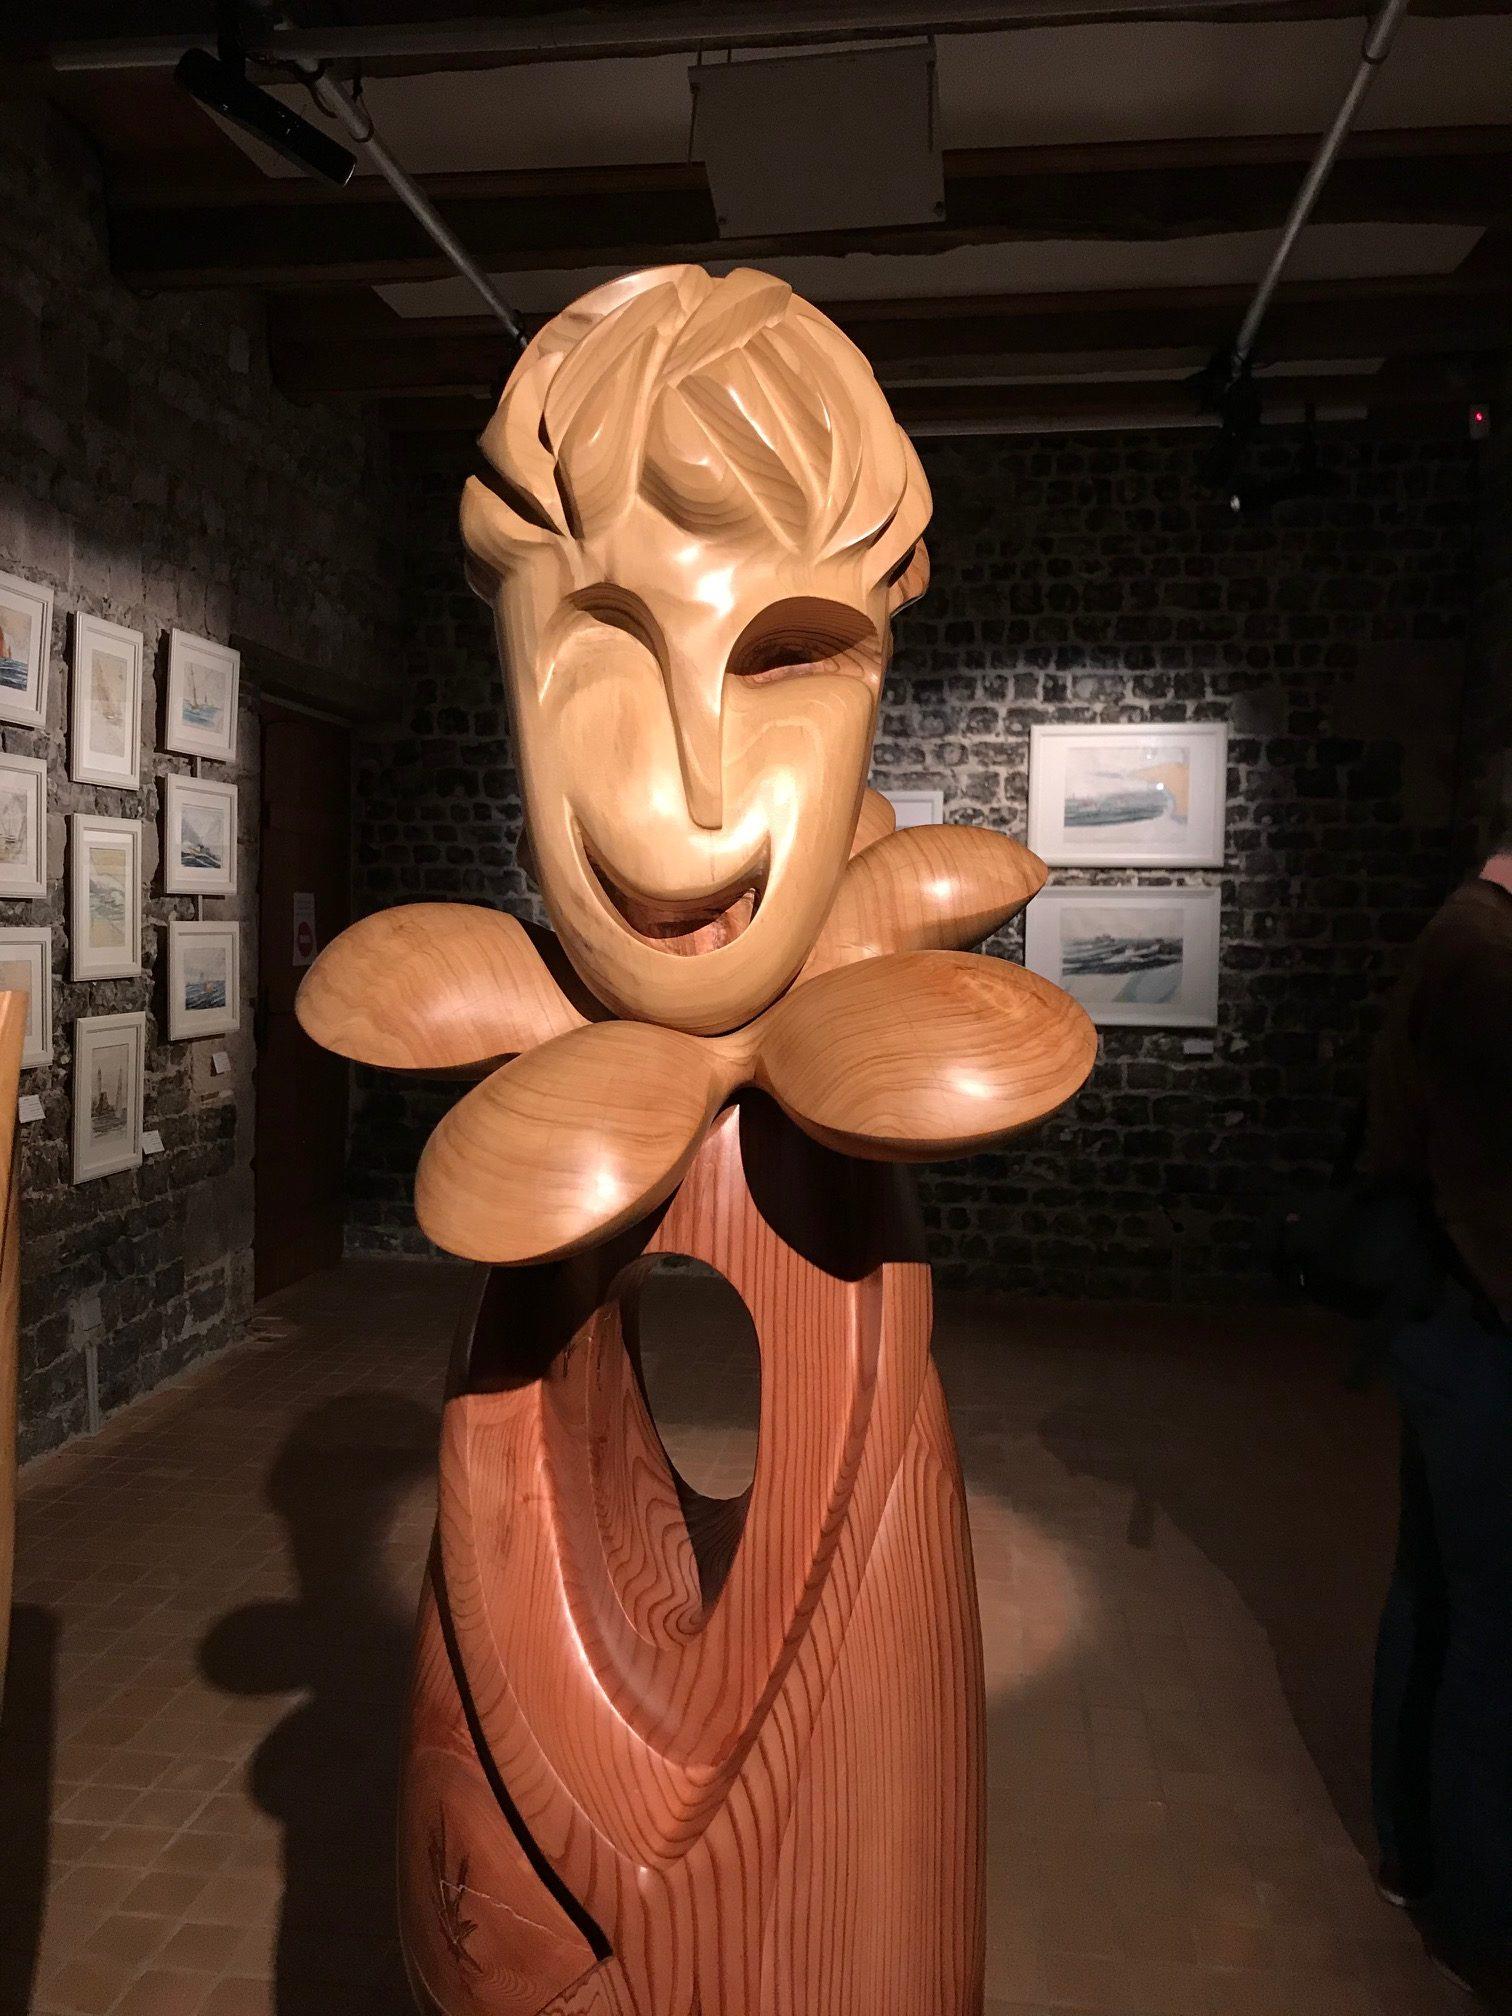 pierrick-gandolfo-sculpteur-sculpture-rouen-houppeville-creation-bois-artiste-fou-du-roi-4